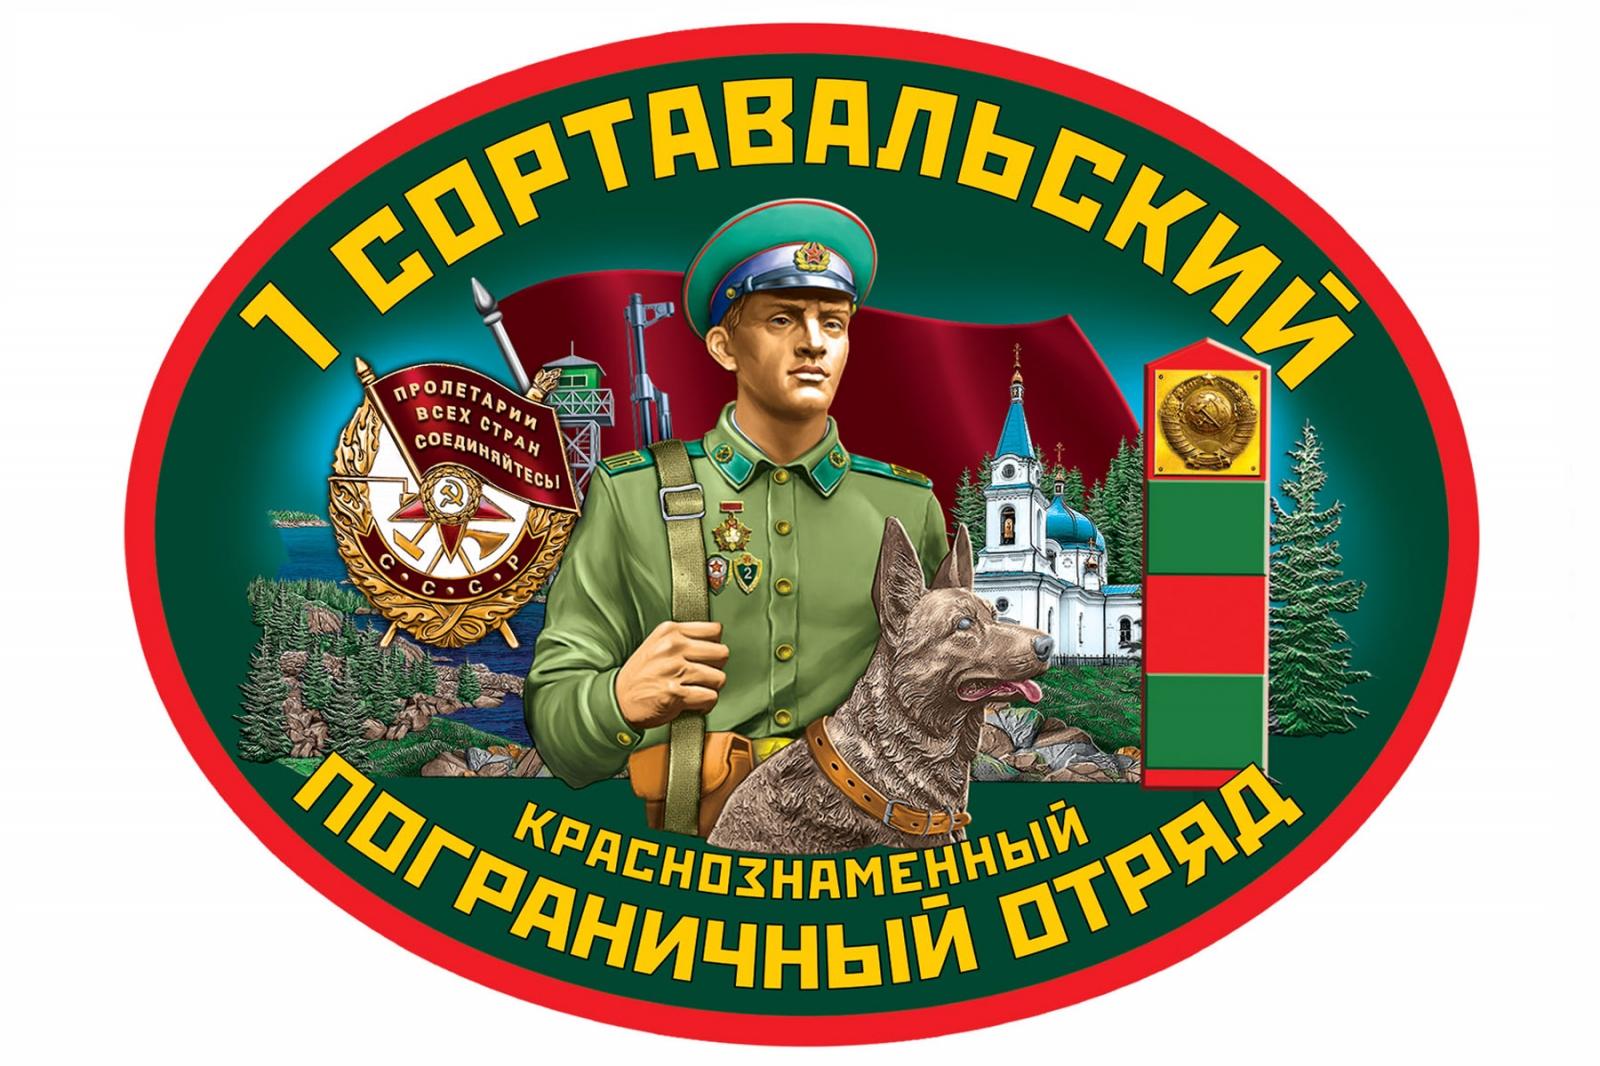 Наклейка на авто 1 Сортавальский пограничный отряд